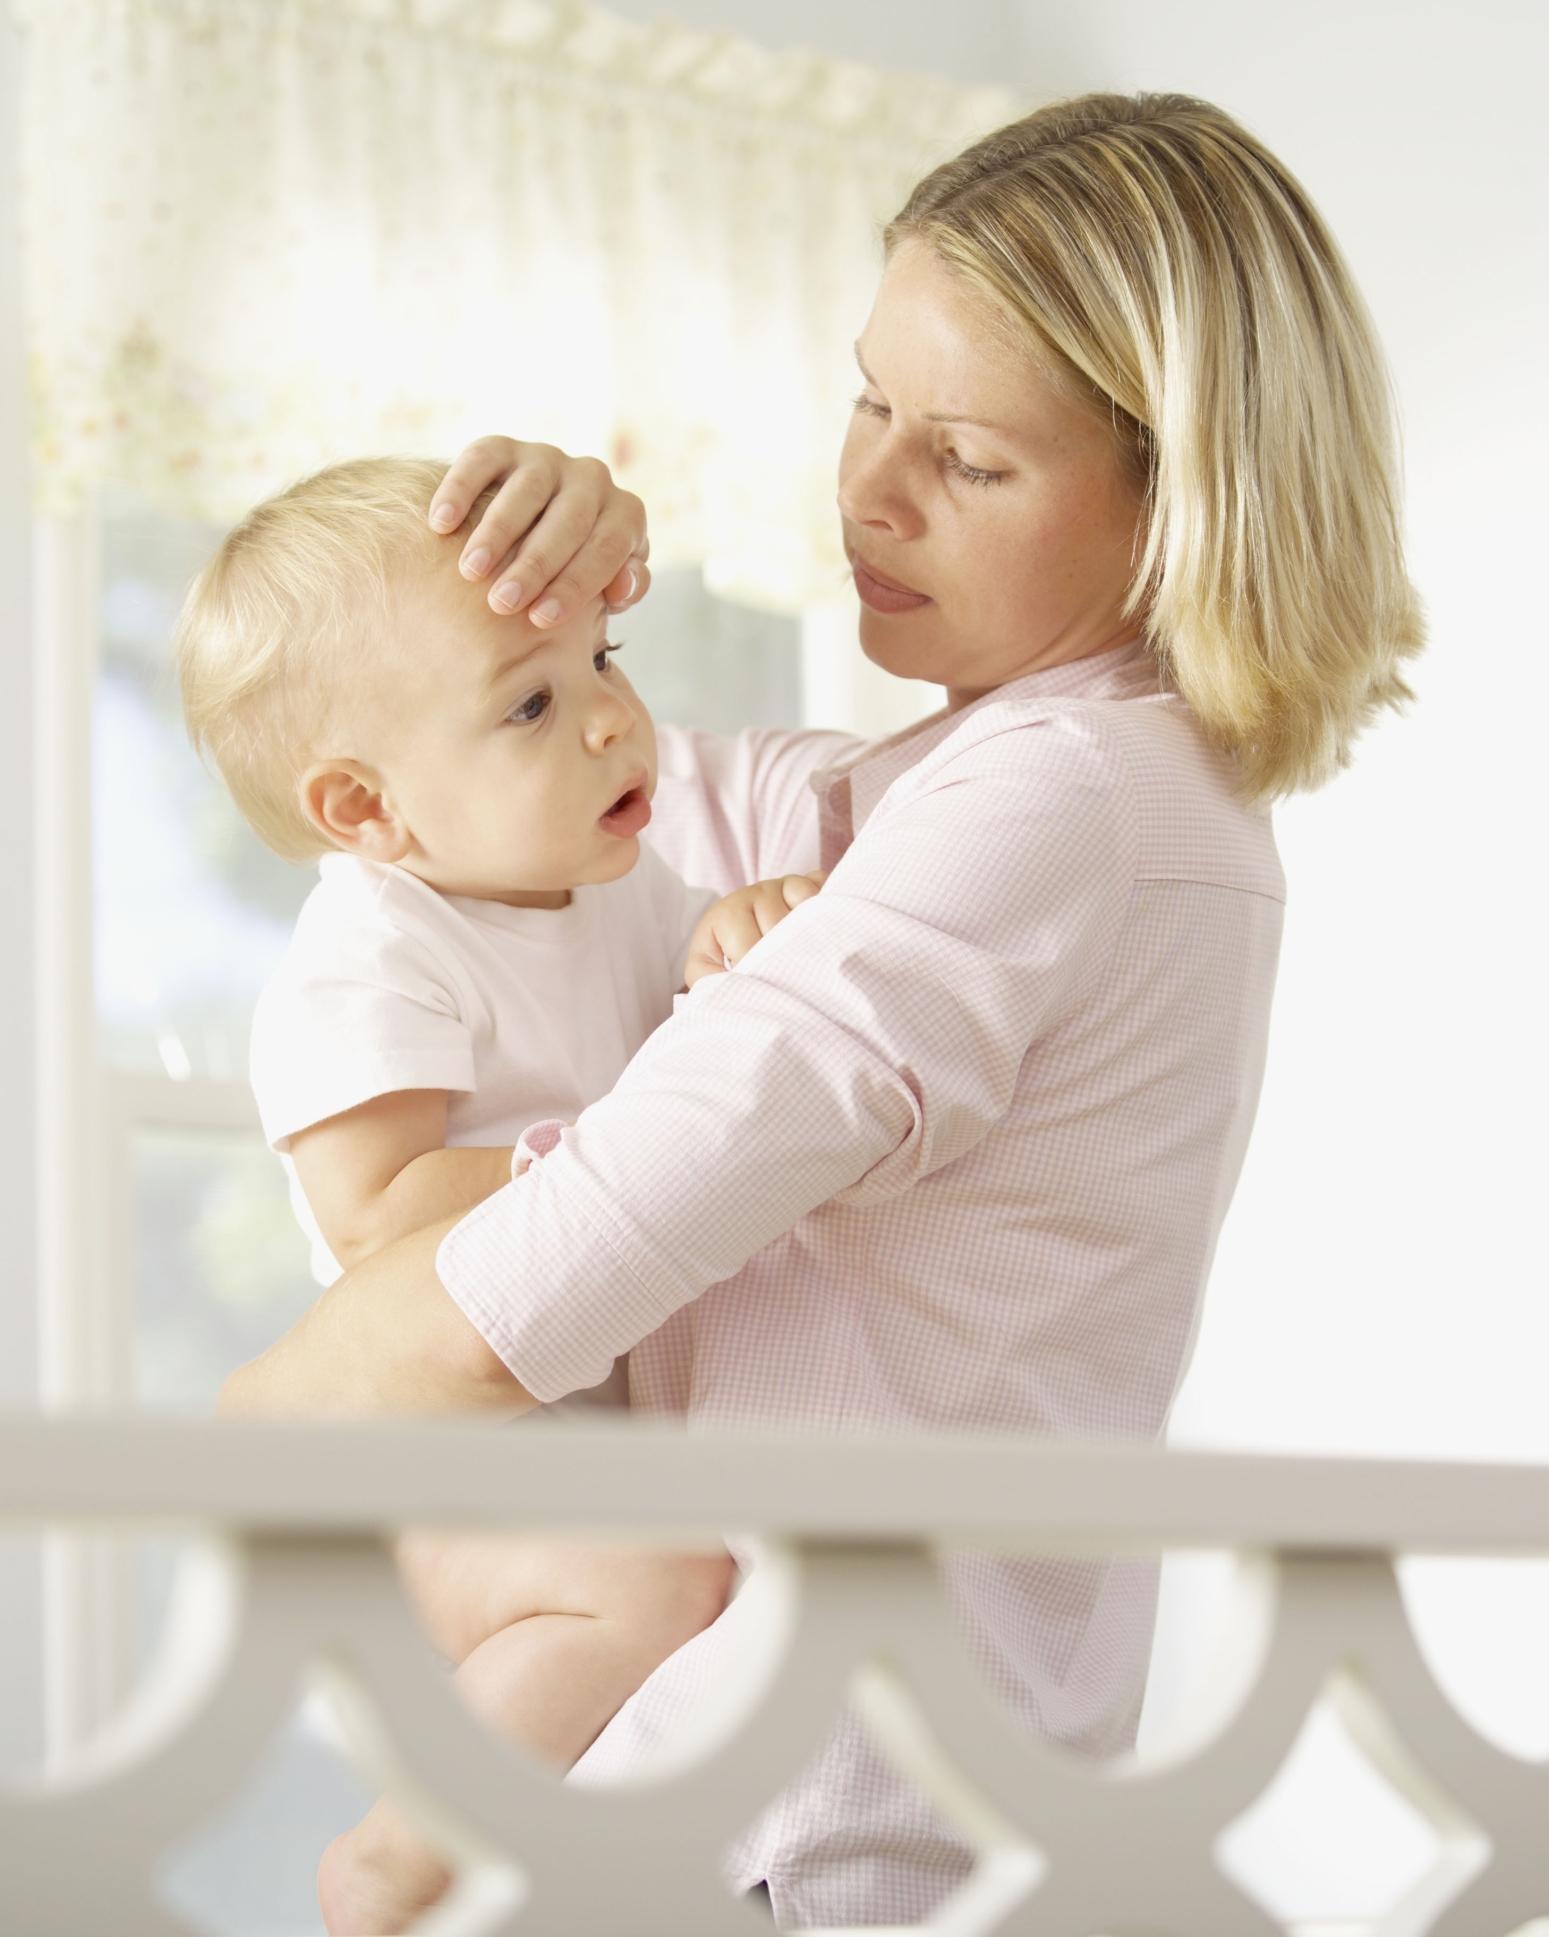 Diarrea y perdida de peso en bebes en fahrenheit